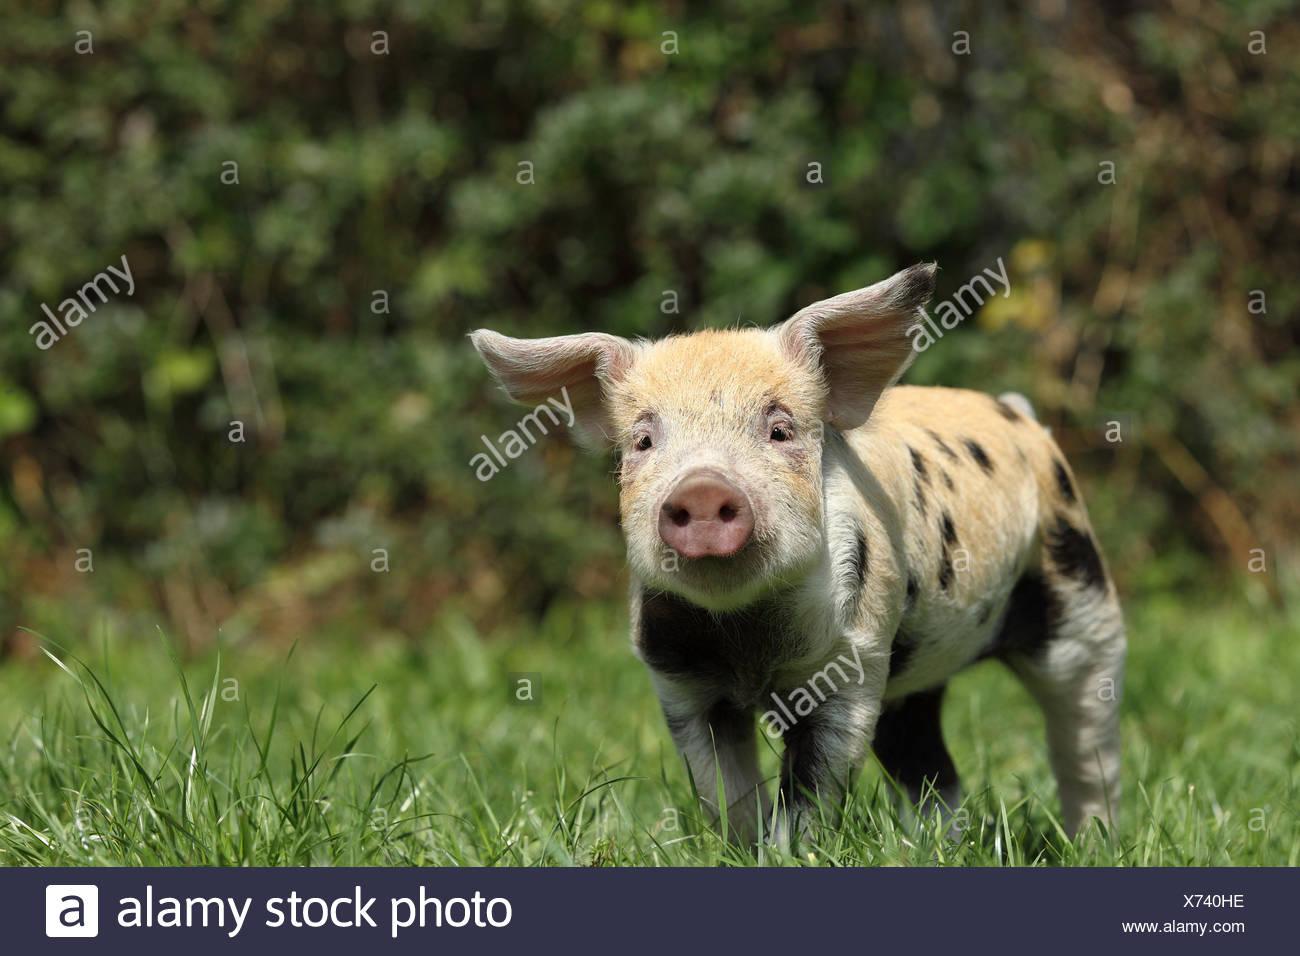 Hausschwein, Turopolje x?. Ferkel (3 Wochen alt) auf einer Wiese. Deutschland Stockbild